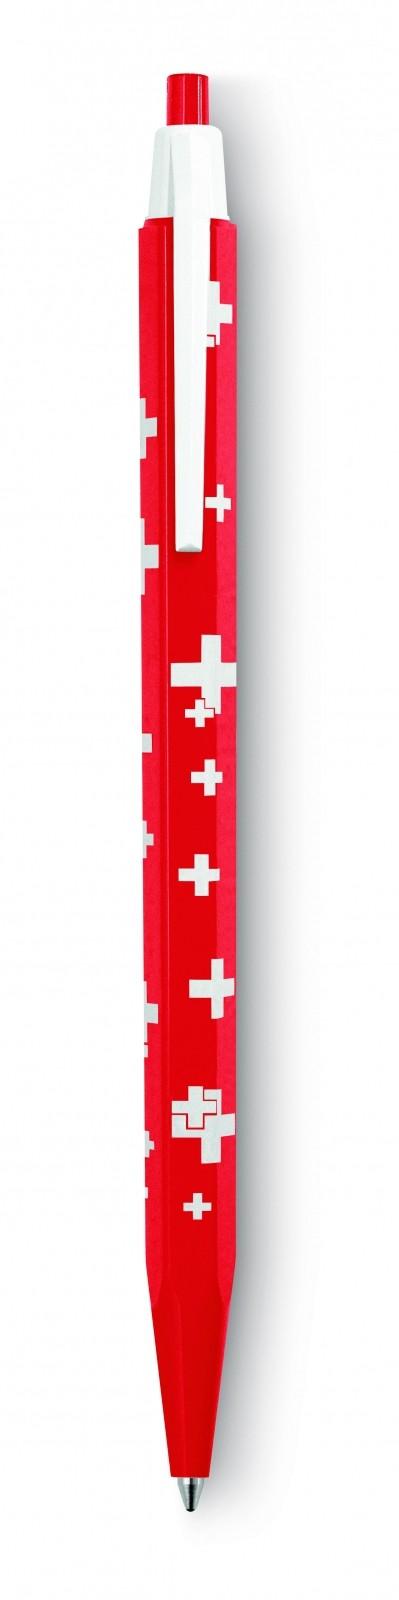 CANETA ESFEROGRAFICA 825.253 ECO SWISS FLAG